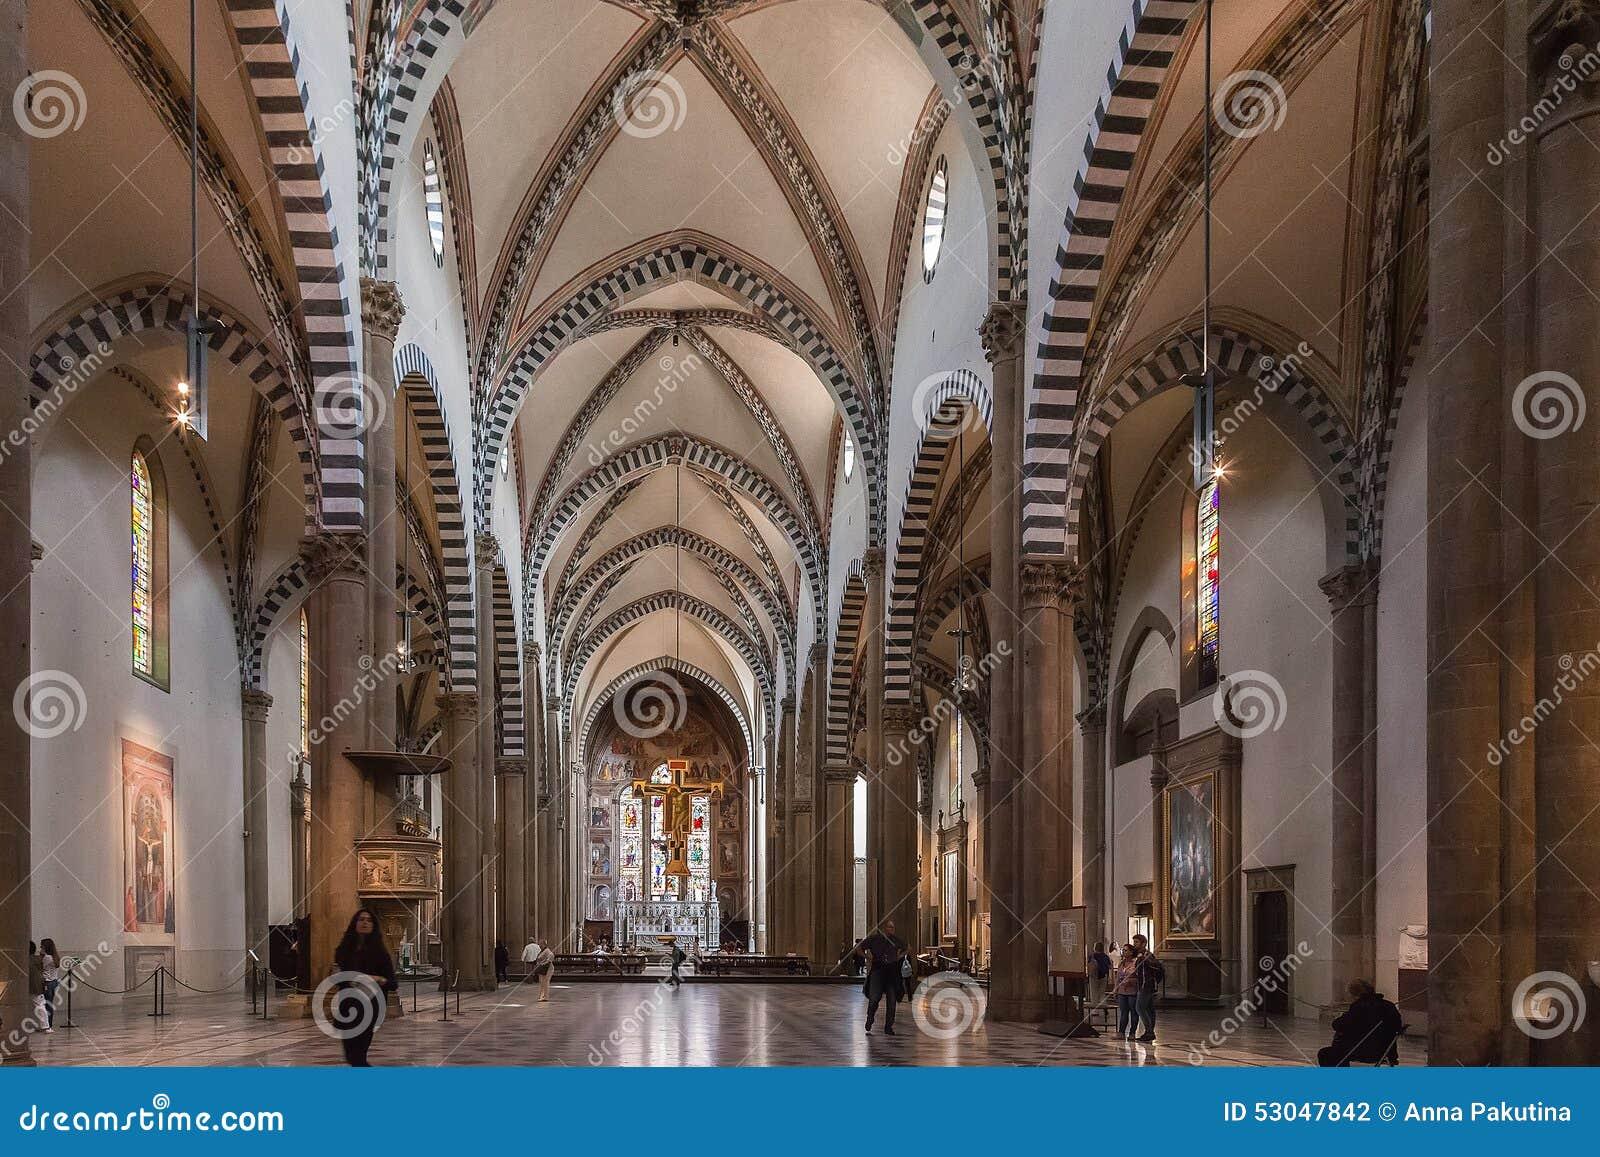 The Interior Of Santa Maria Novella Church Florence